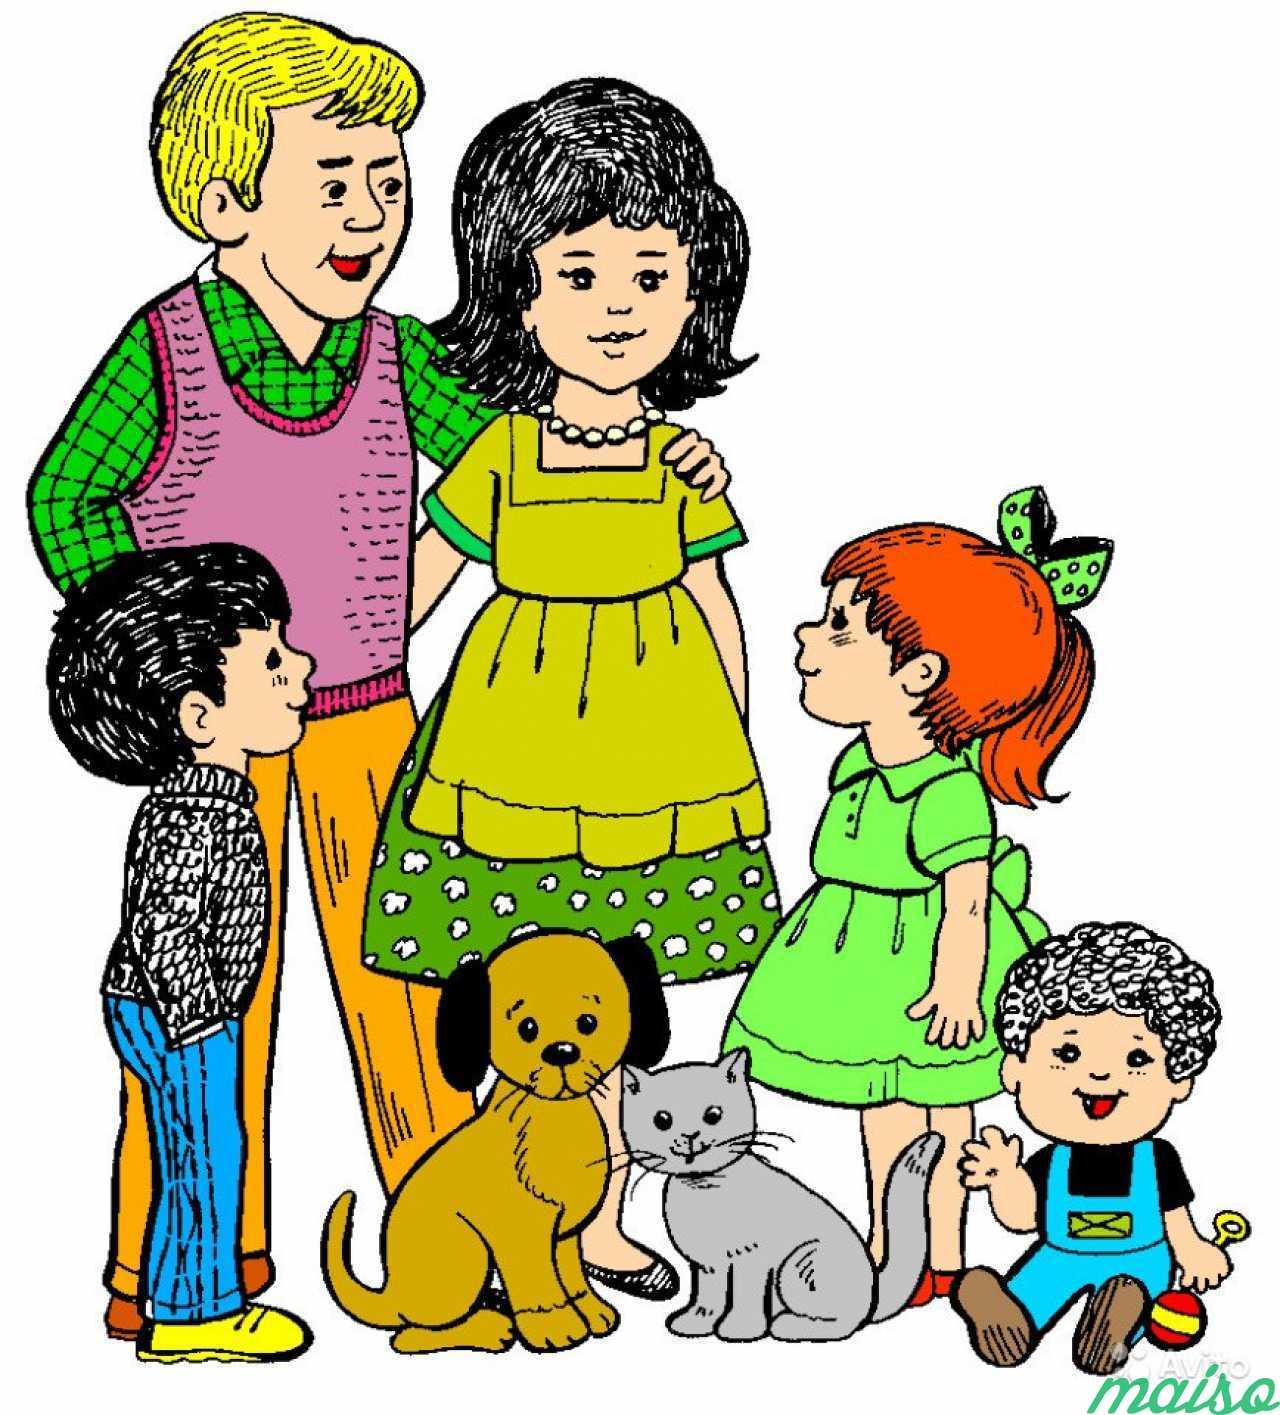 Унывай картинки, картинка семья с детьми анимация